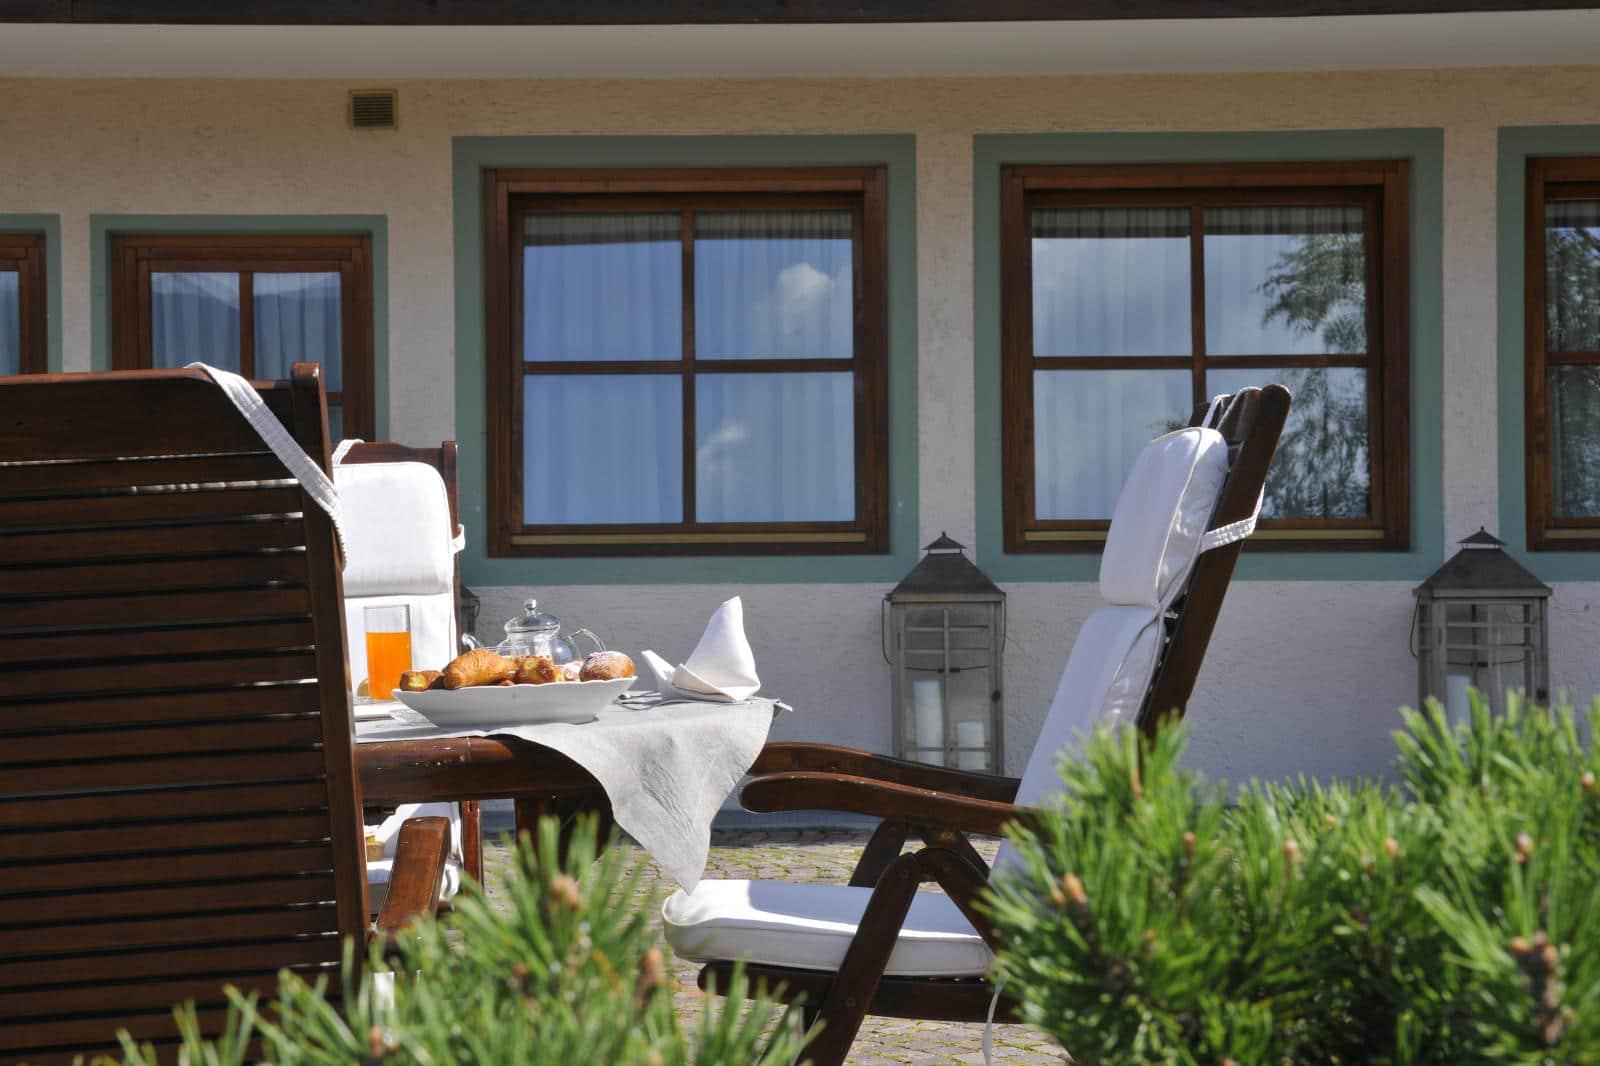 Family Hotel a Cavalese, Hotel Bellacosta, colazione